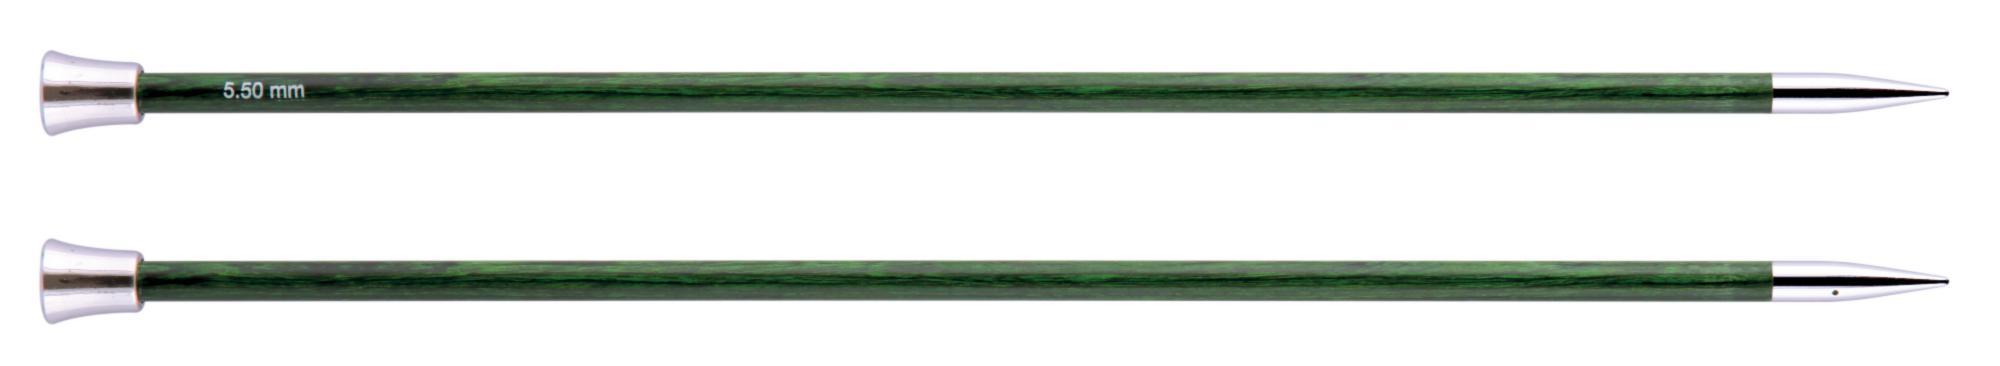 Спицы прямые 40 см Royale KnitPro, 29238, 5.50 мм